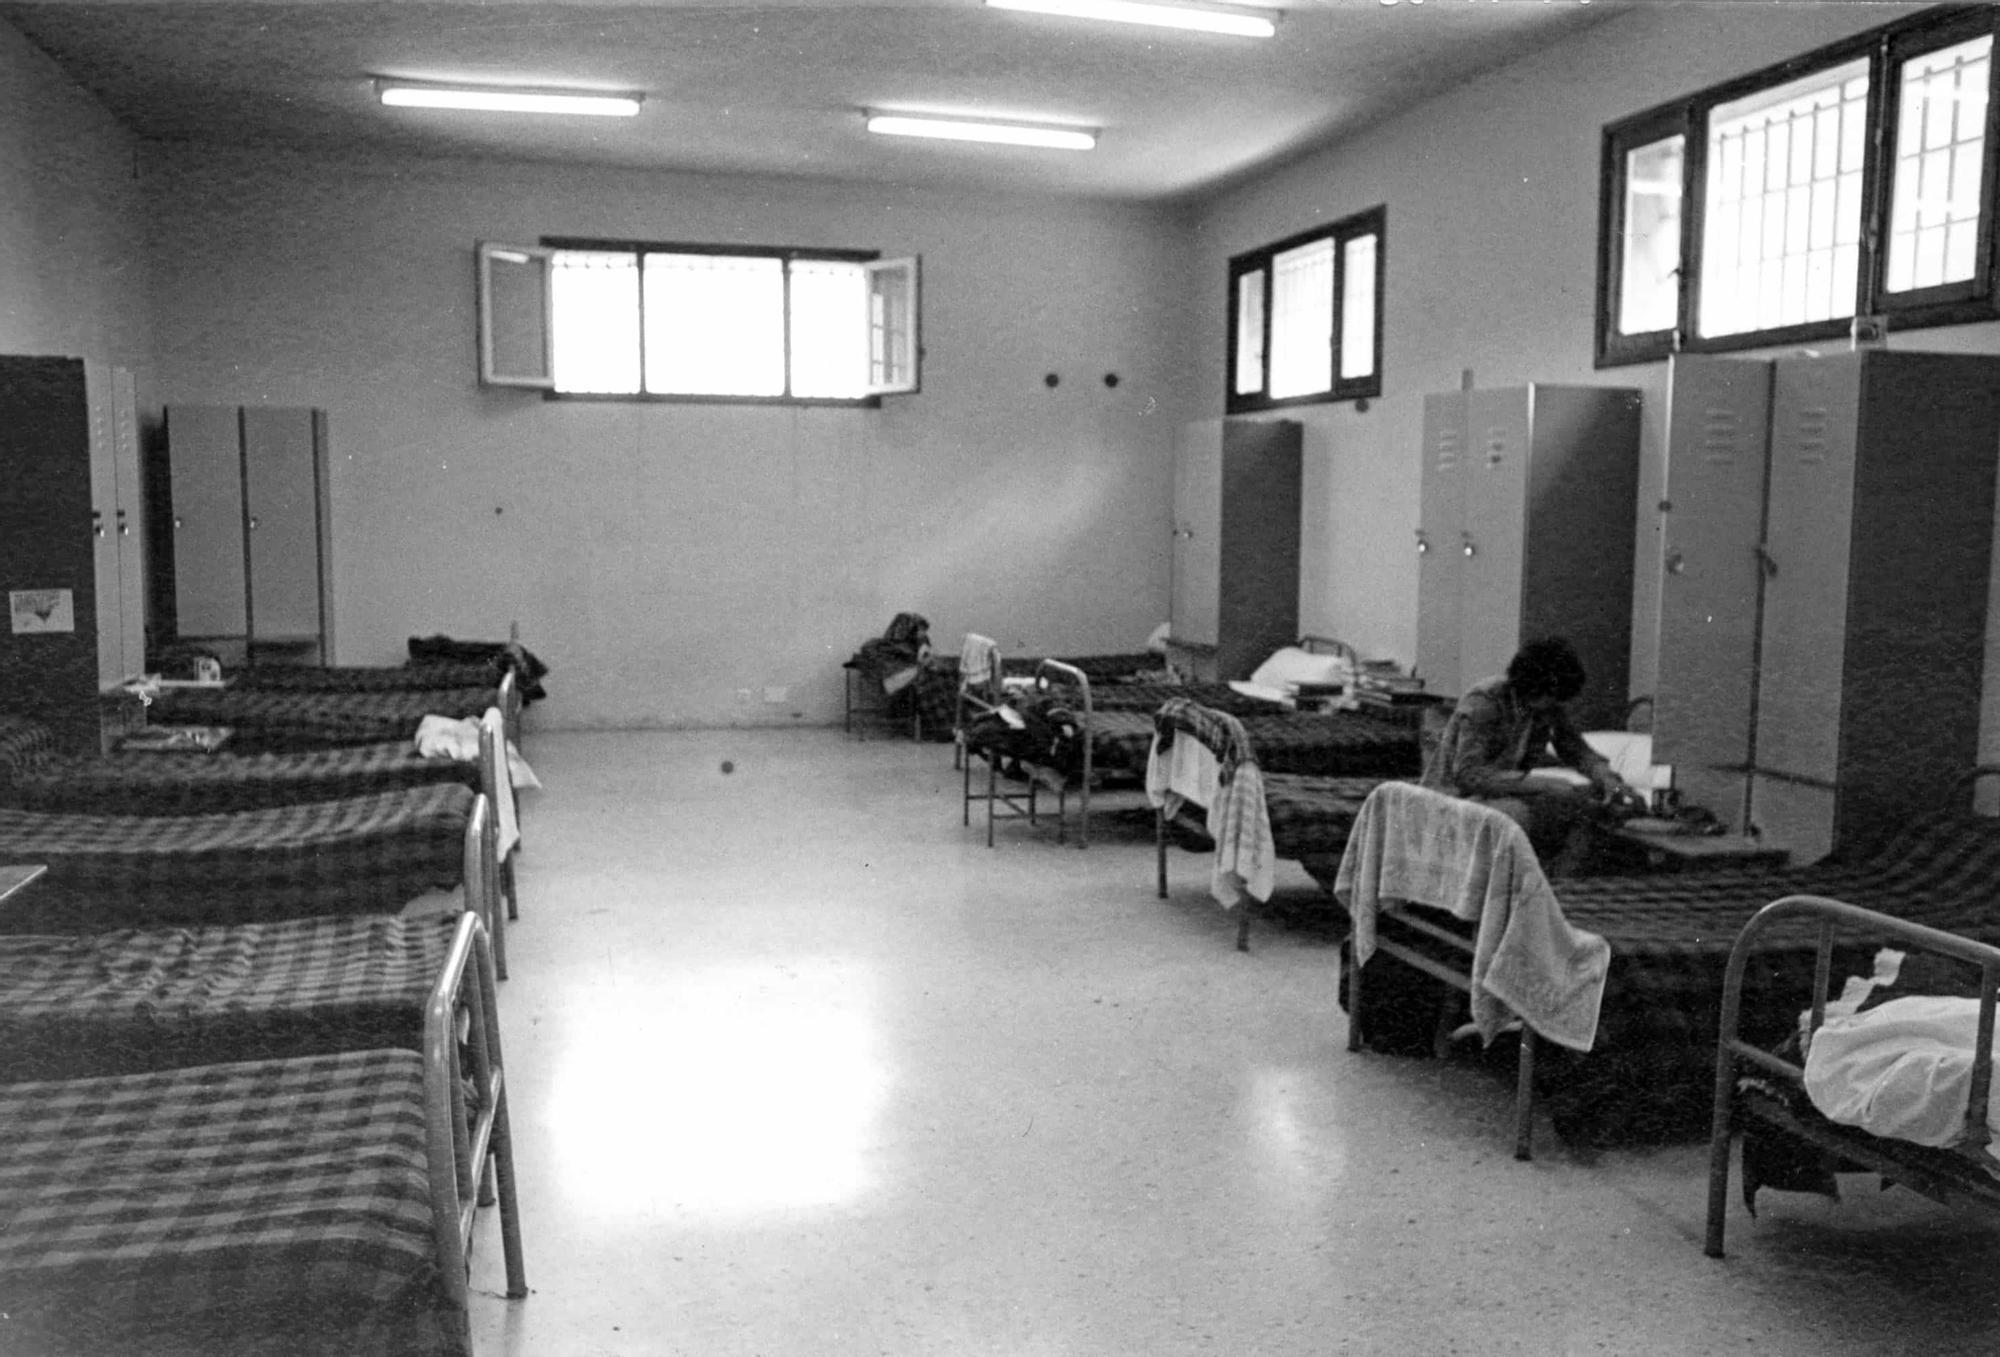 Historia de la cárcel de Vigo: así vivían (y viven) nuestros reclusos